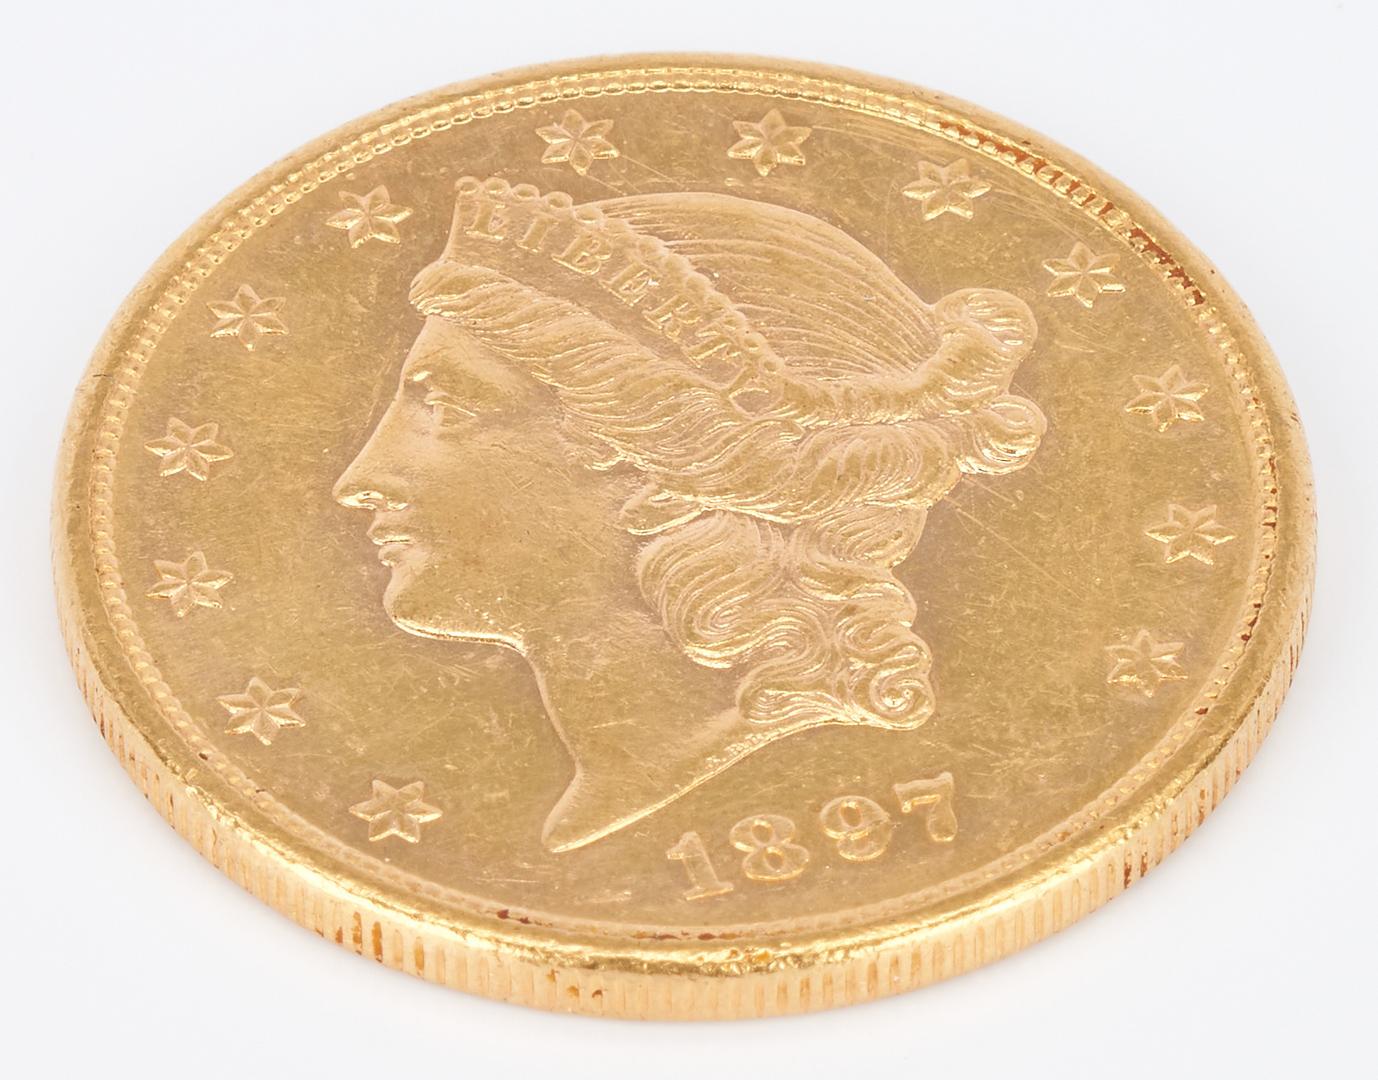 Lot 756: 1897 $20 Liberty Head Double Eagle